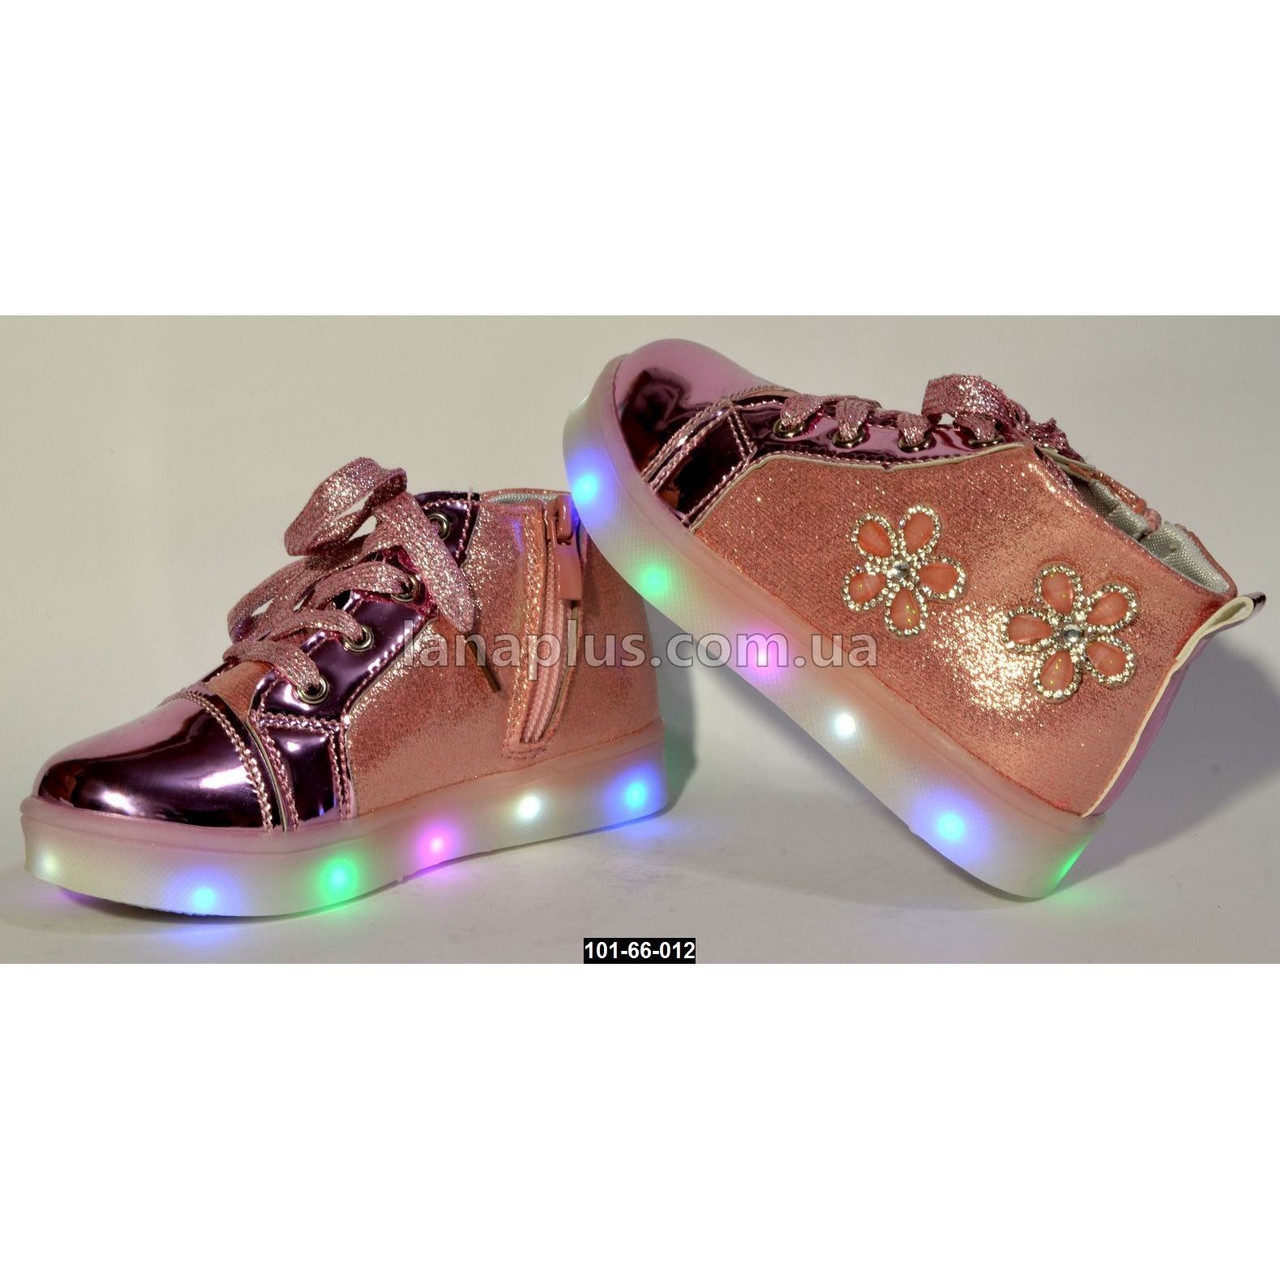 Демисезонные ботинки с мигалками для девочки, 29 размер (18 см), кожаная стелька, супинатор